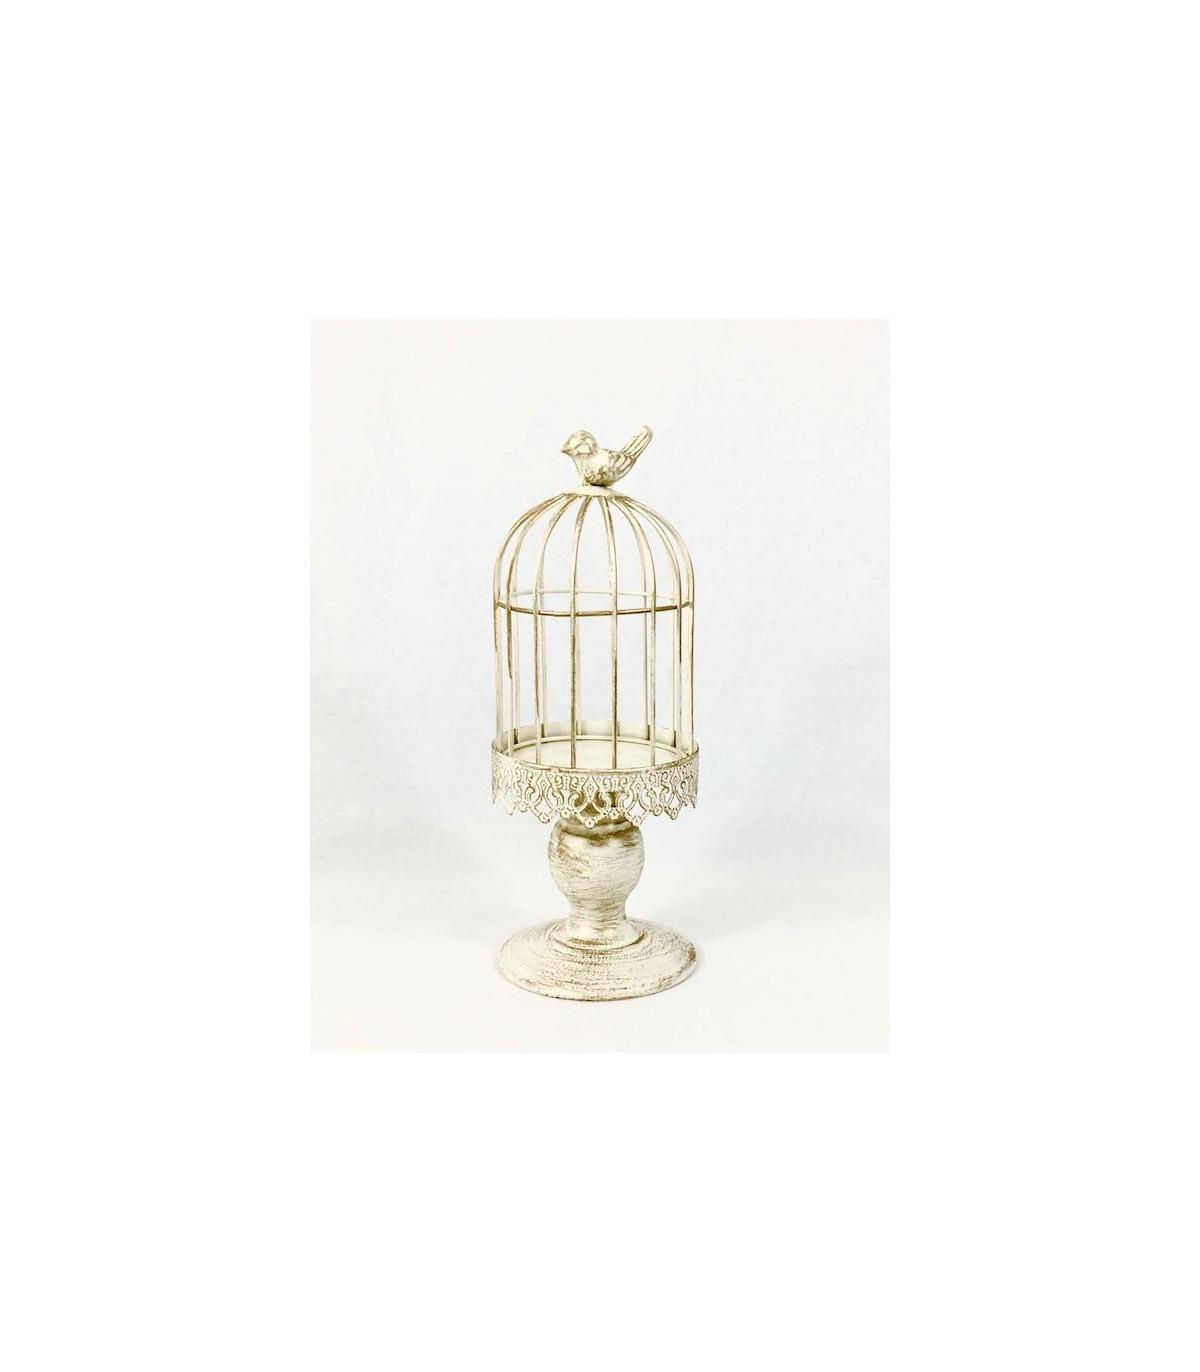 Petite cage oiseau bougeoir d coration patin effet bois - Cage oiseau decoration ...